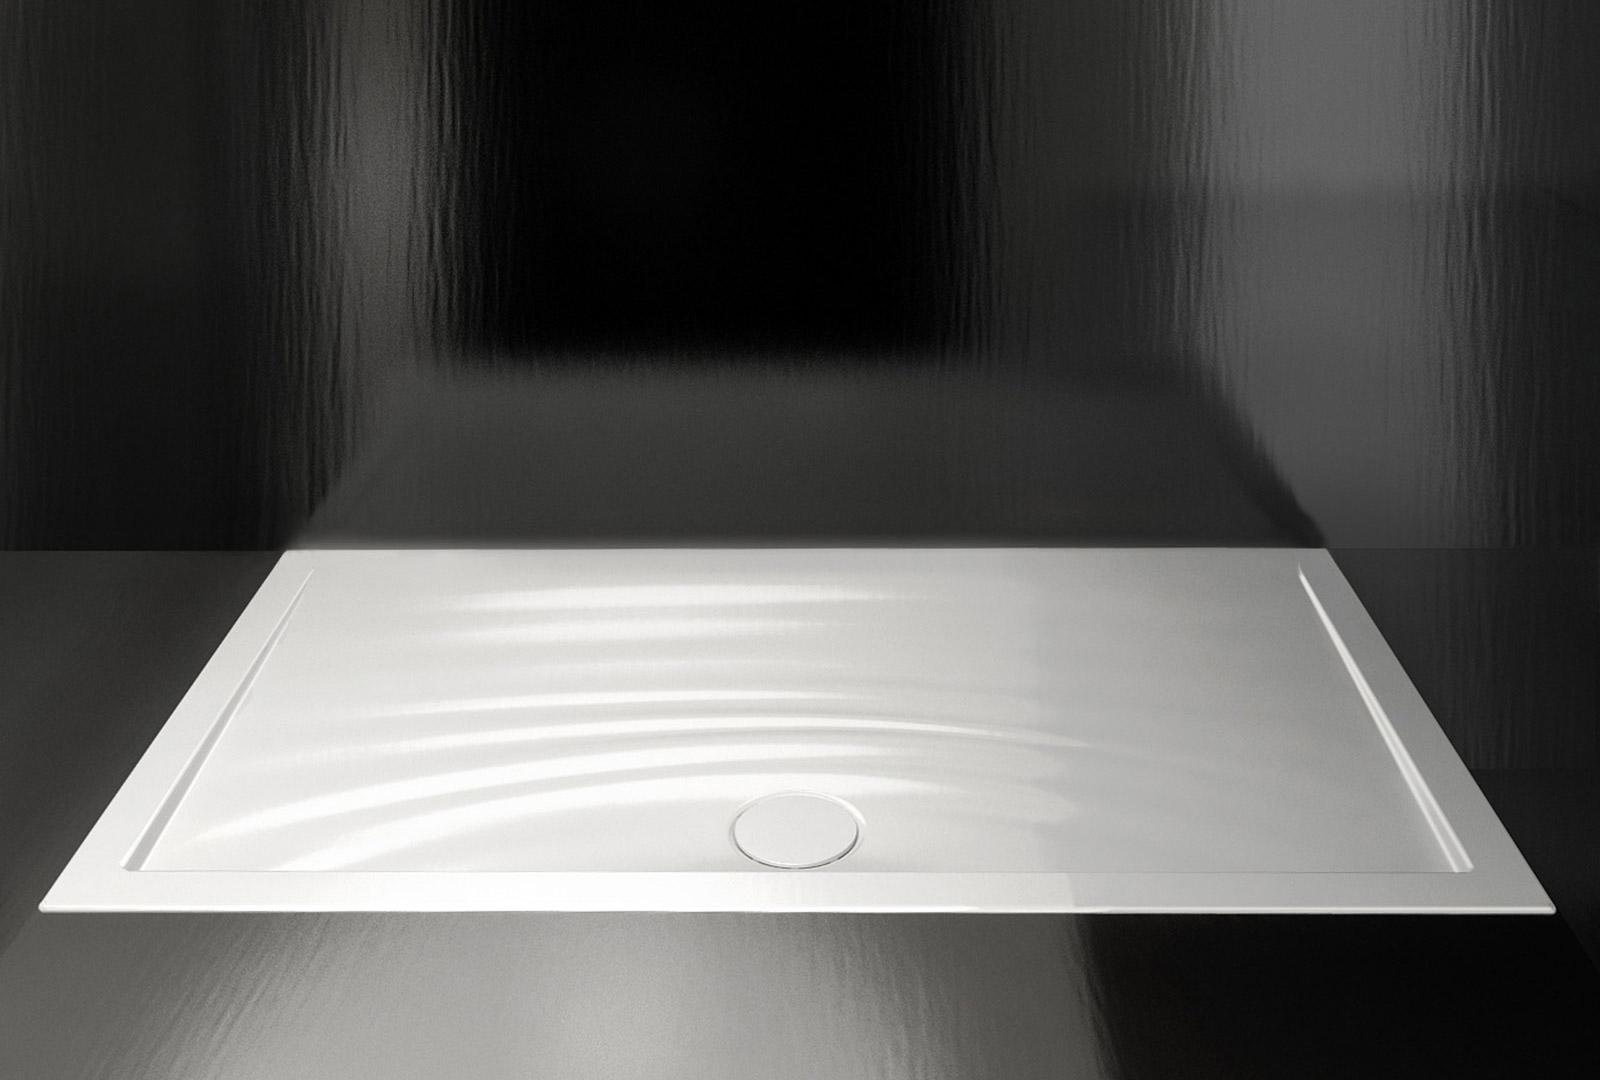 Piatti doccia roma piatto doccia filo pavimento for Prezzi piatti doccia